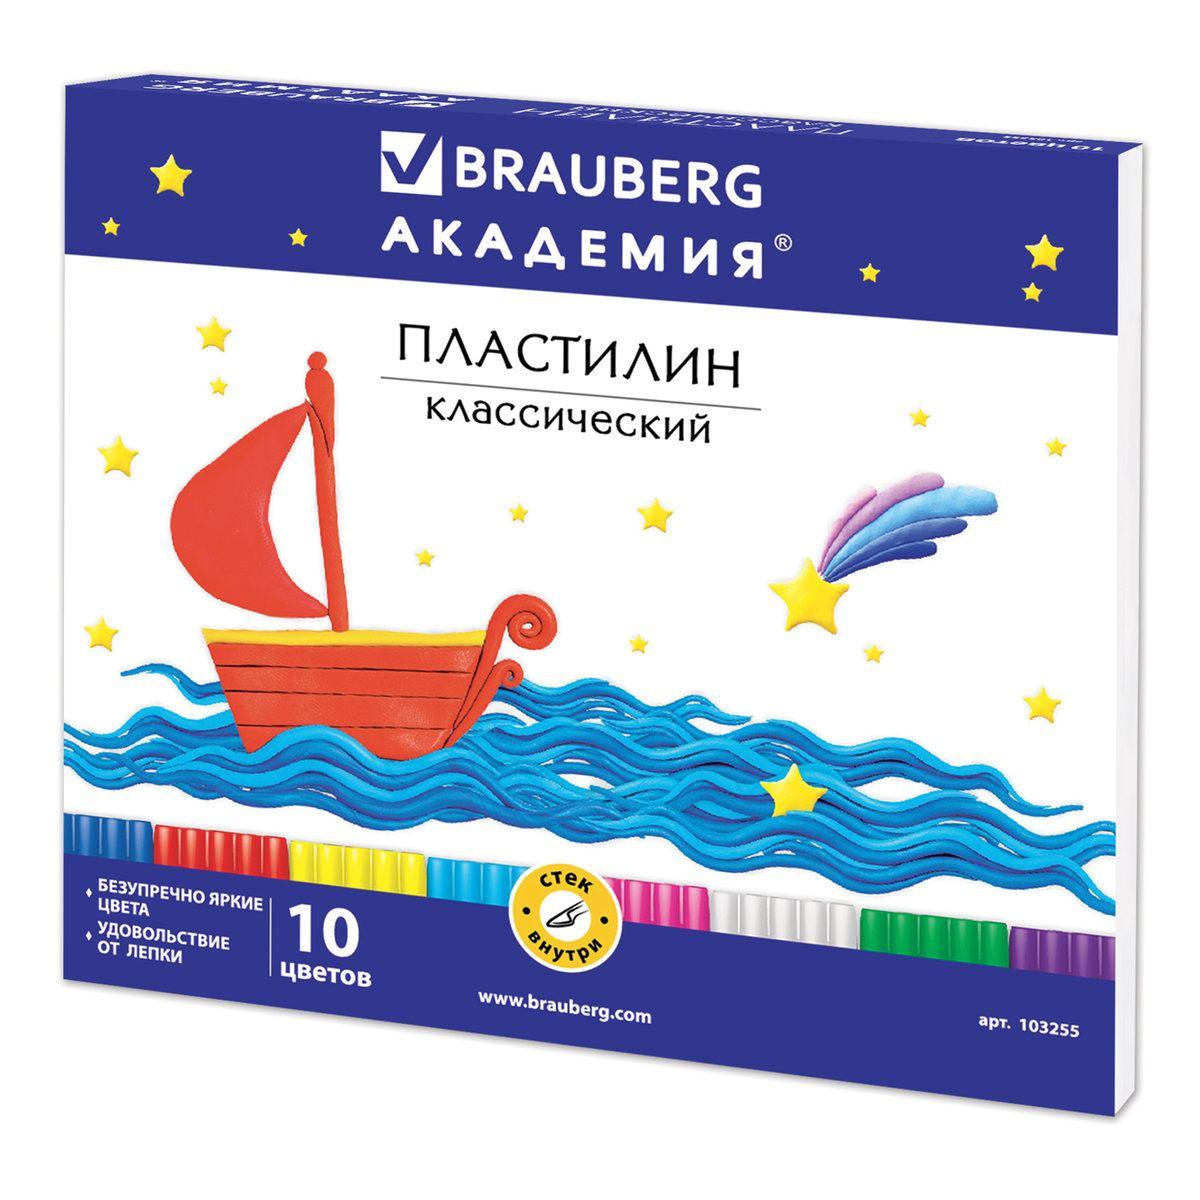 Купить Пластилин классический 10 цв, 200г, со стеком, картонная упаковка, Пластилин классический Brauberg 10 цв., 200 г,